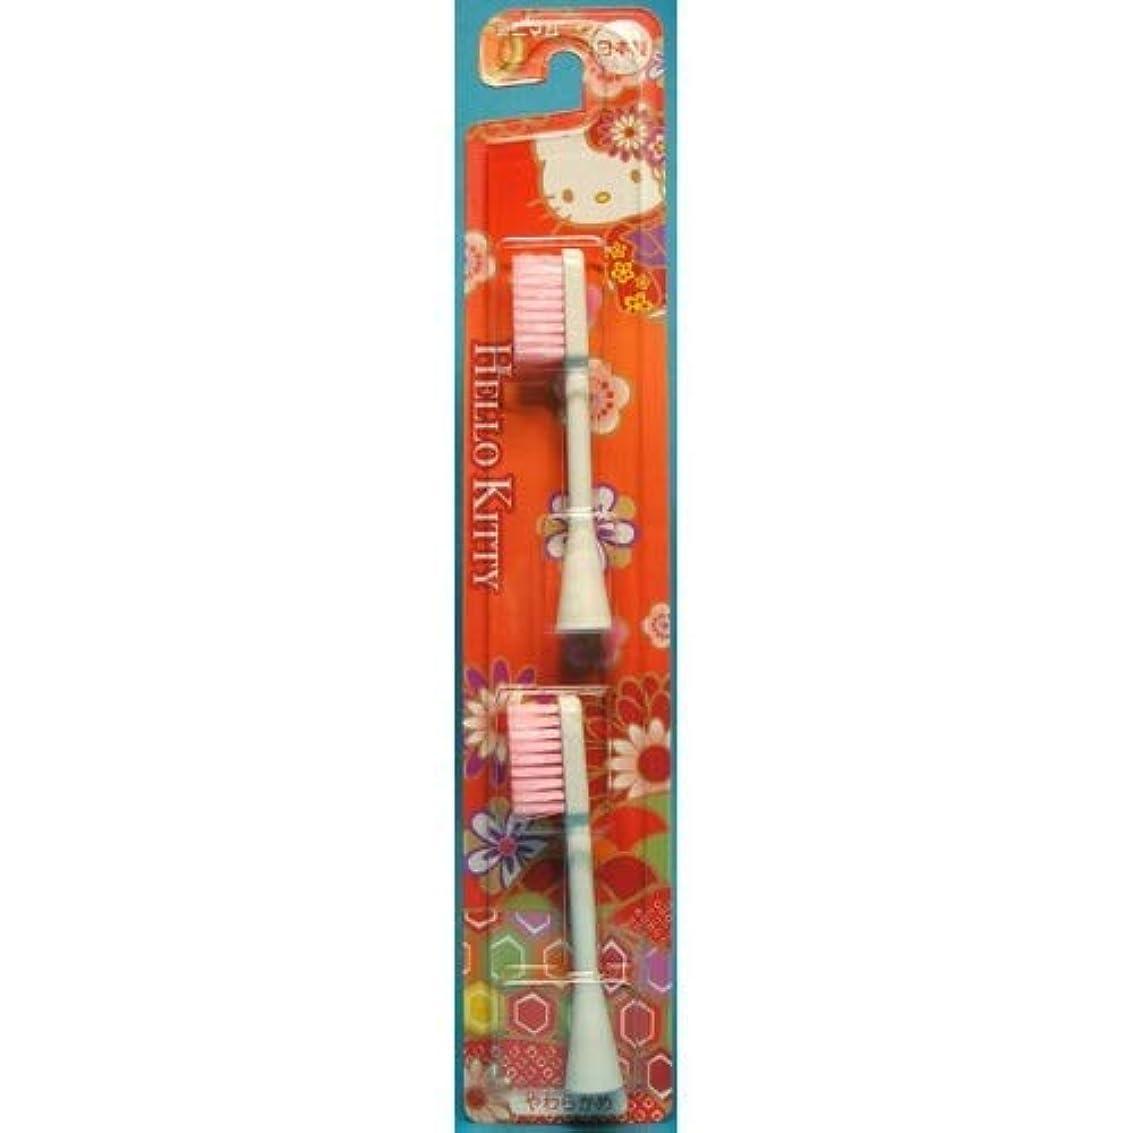 形式続編繊細ミニマム 電動歯ブラシ用 替ブラシ 和柄 キティ 赤 BRT-1R (JKT) 2本入